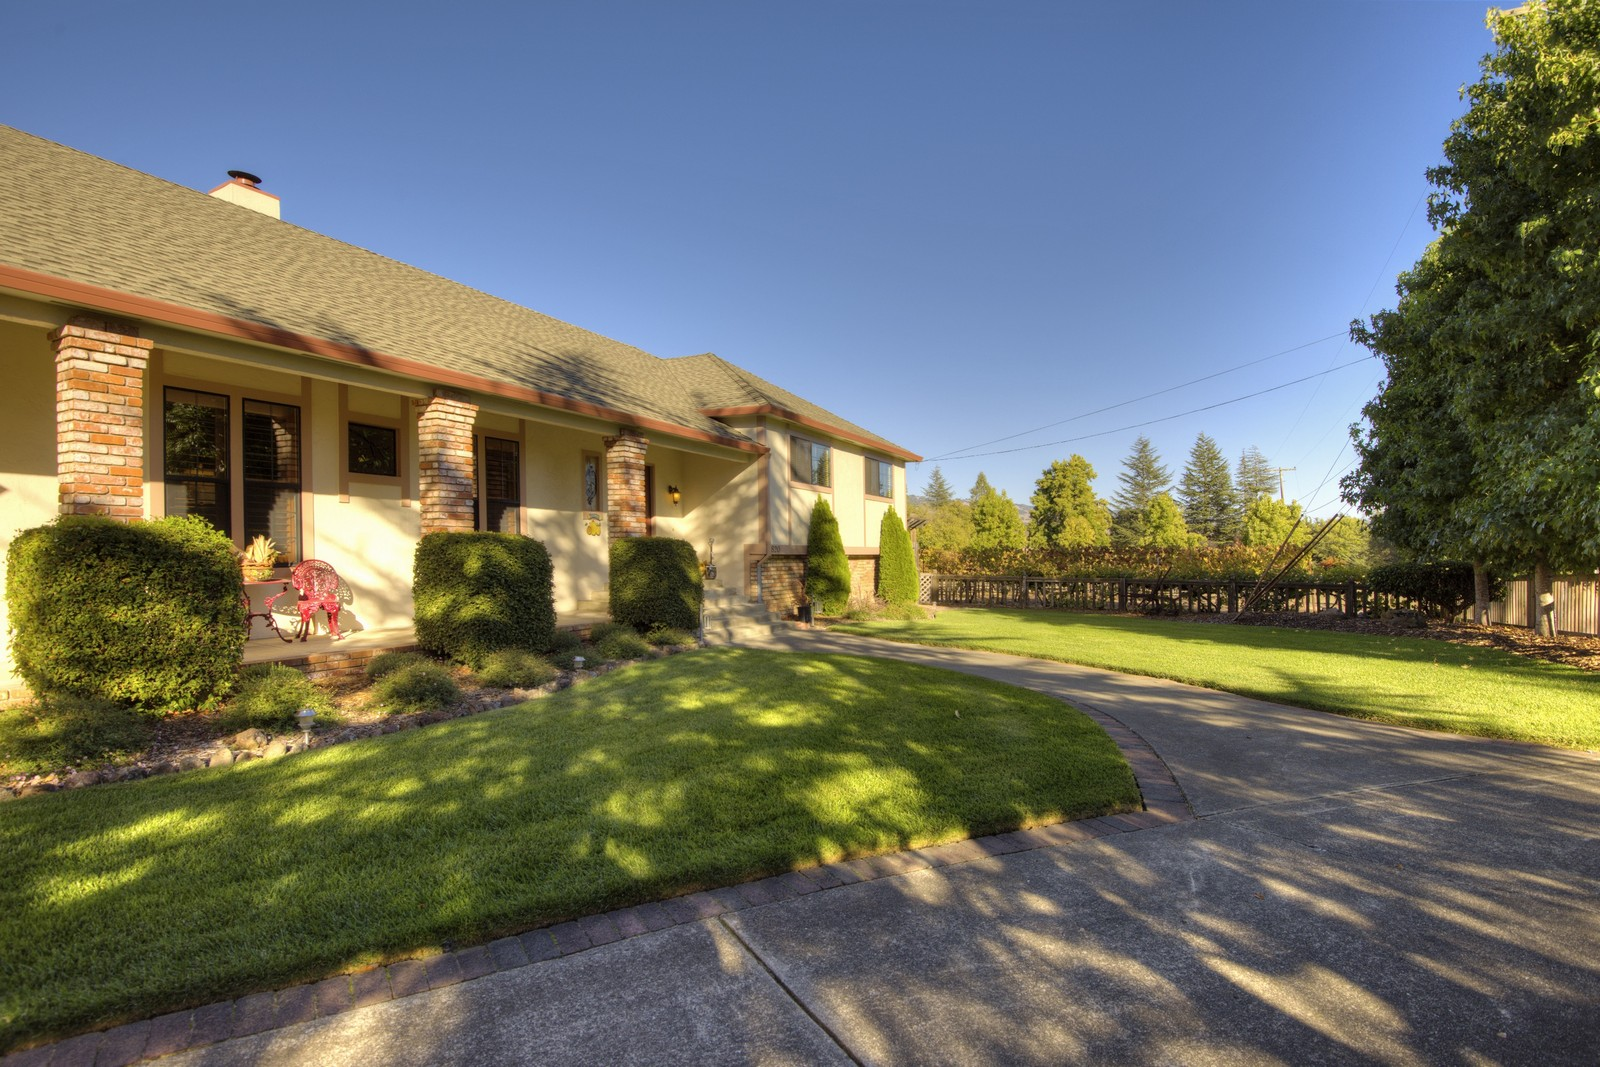 Casa para uma família para Venda às 820 Phillips Drive Penngrove, Califórnia, 94951 Estados Unidos